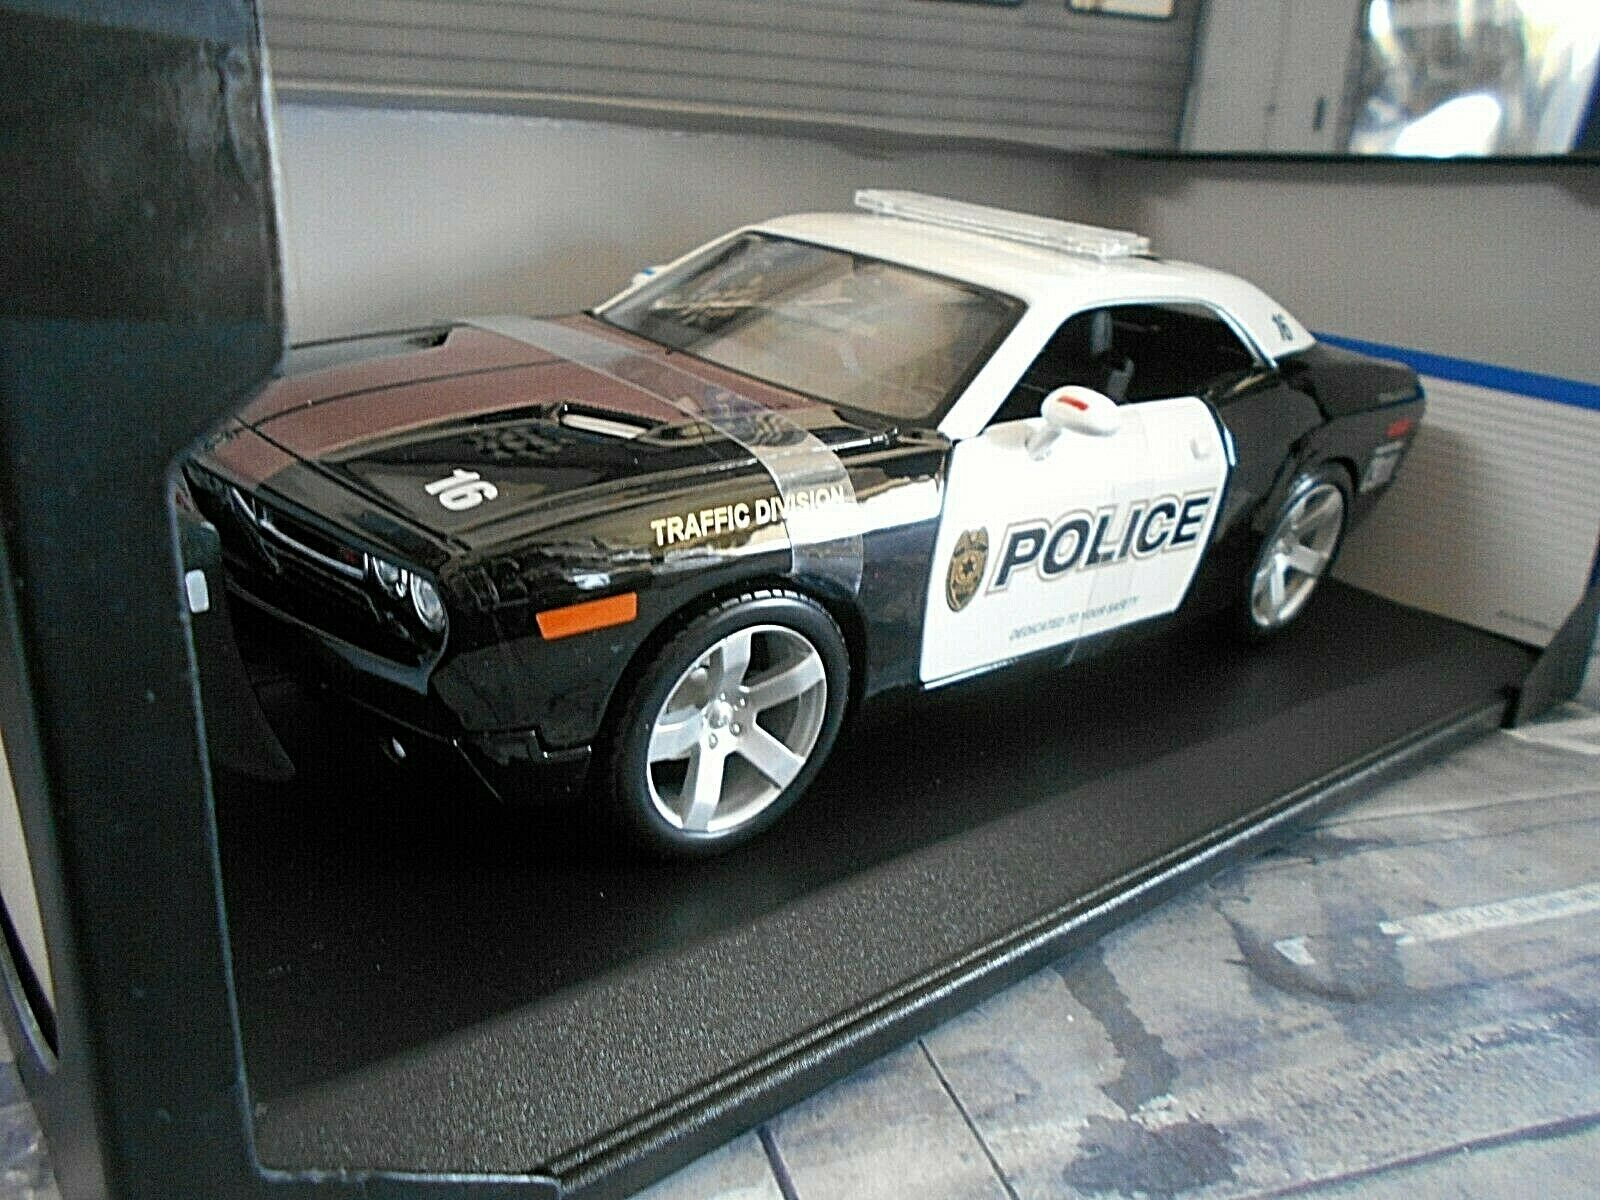 edizione limitata DODGE Chtuttienger COUPE polizia polizia polizia Polizia 911 COUPE v8 muscle auto US Maisto 1 18  prendi l'ultimo